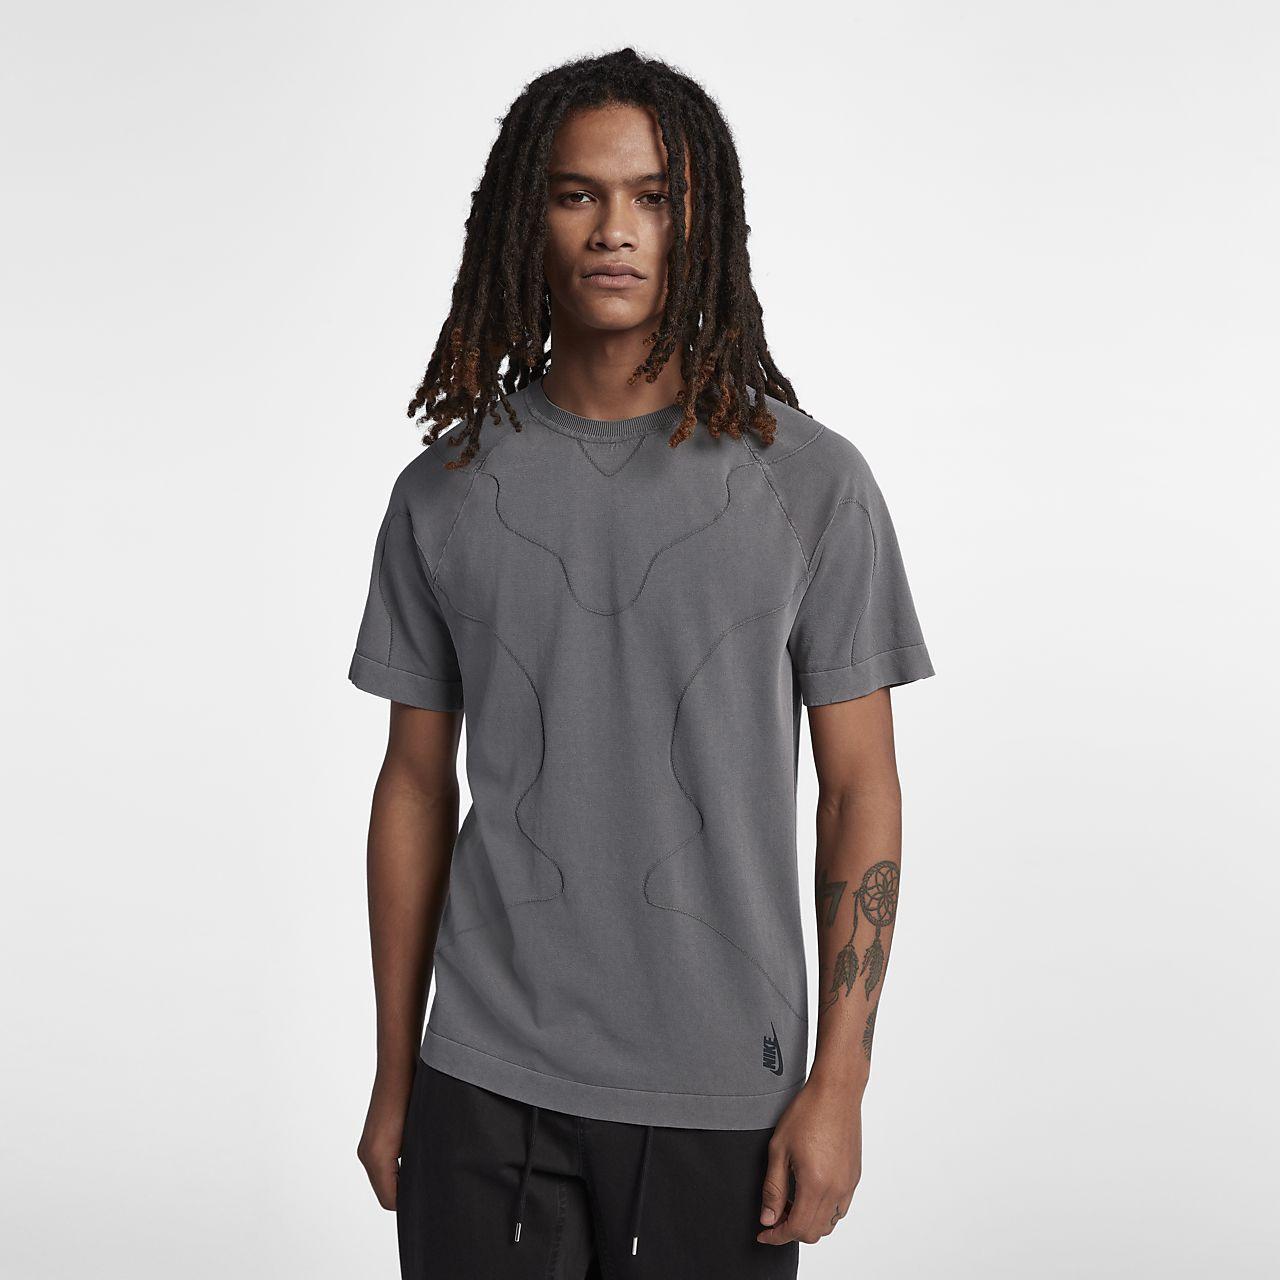 NikeLab Made in Italy Camiseta de manga corta de la NBA - Hombre